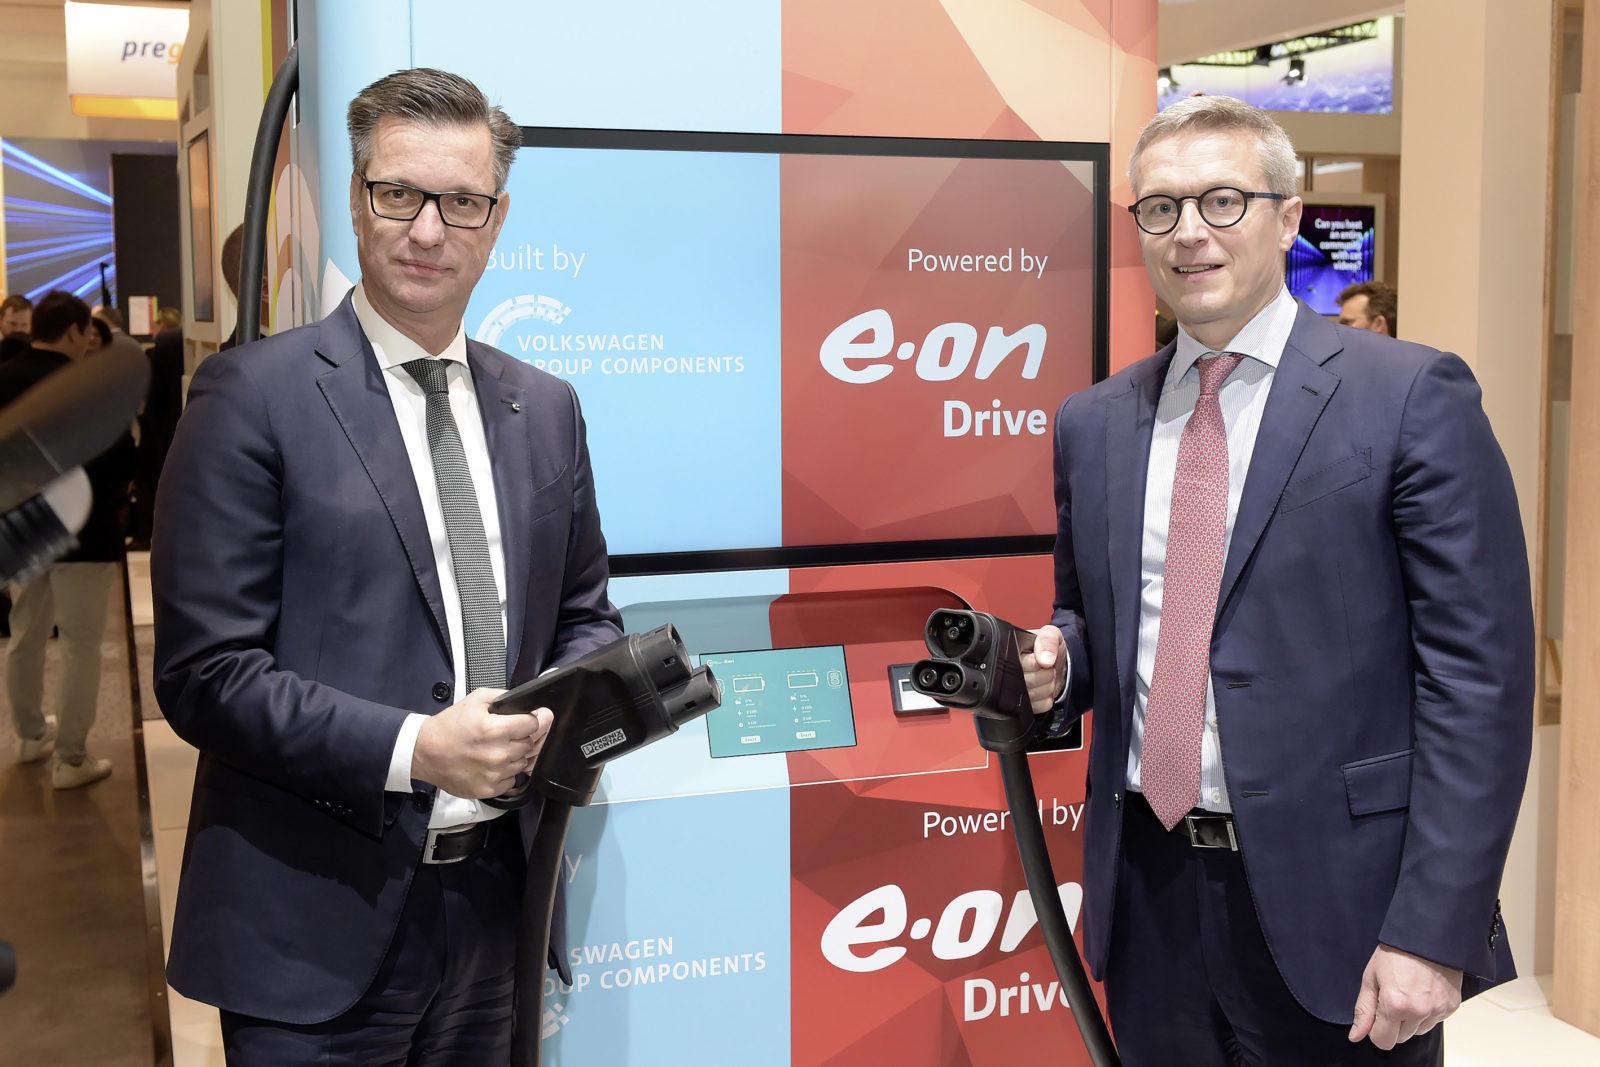 E.ON e Volkswagen, nuova soluzione per la ricarica ultra-rapida dei veicoli elettrici